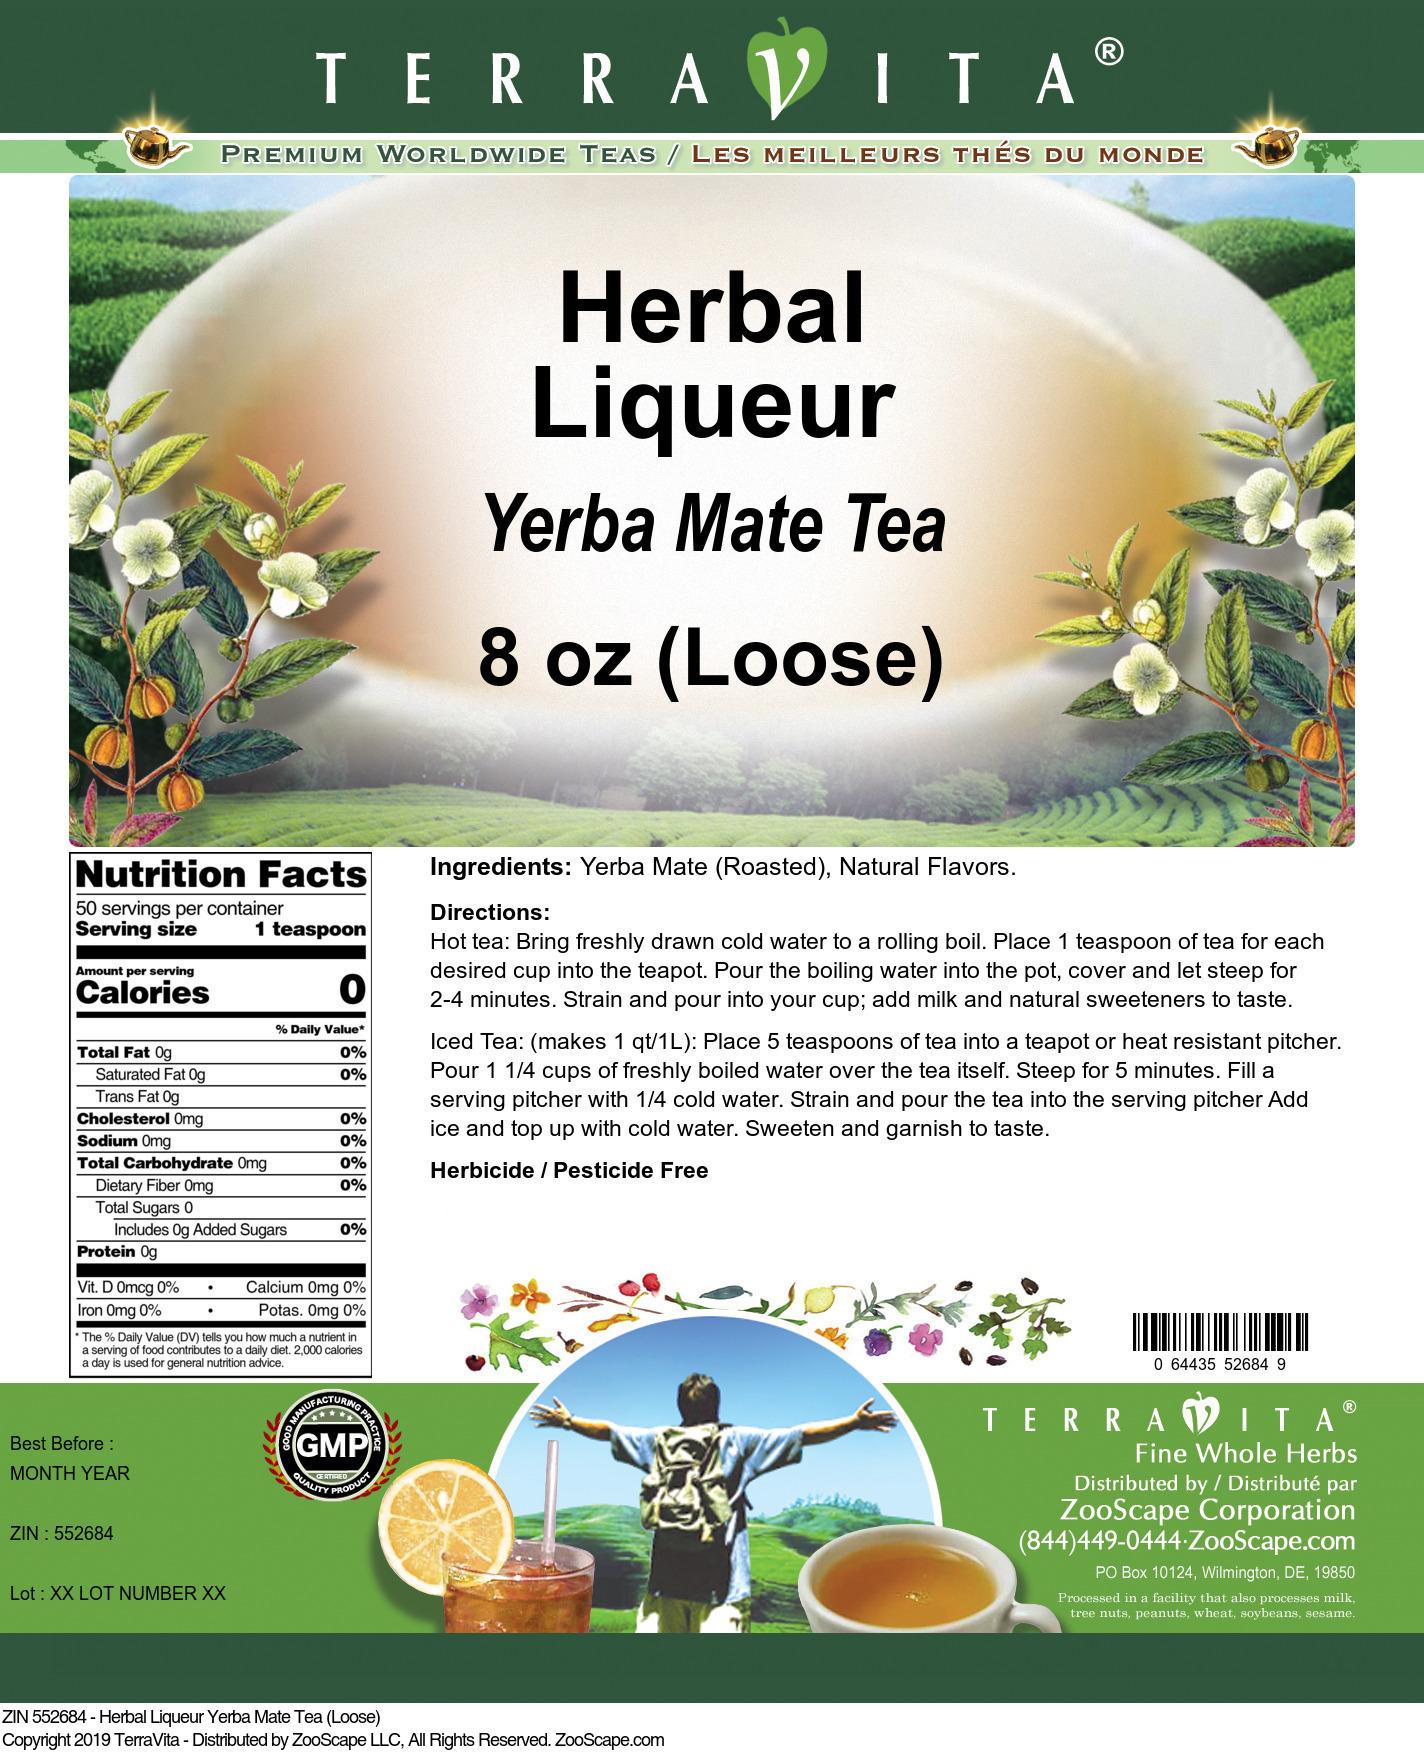 Herbal Liqueur Yerba Mate Tea (Loose)